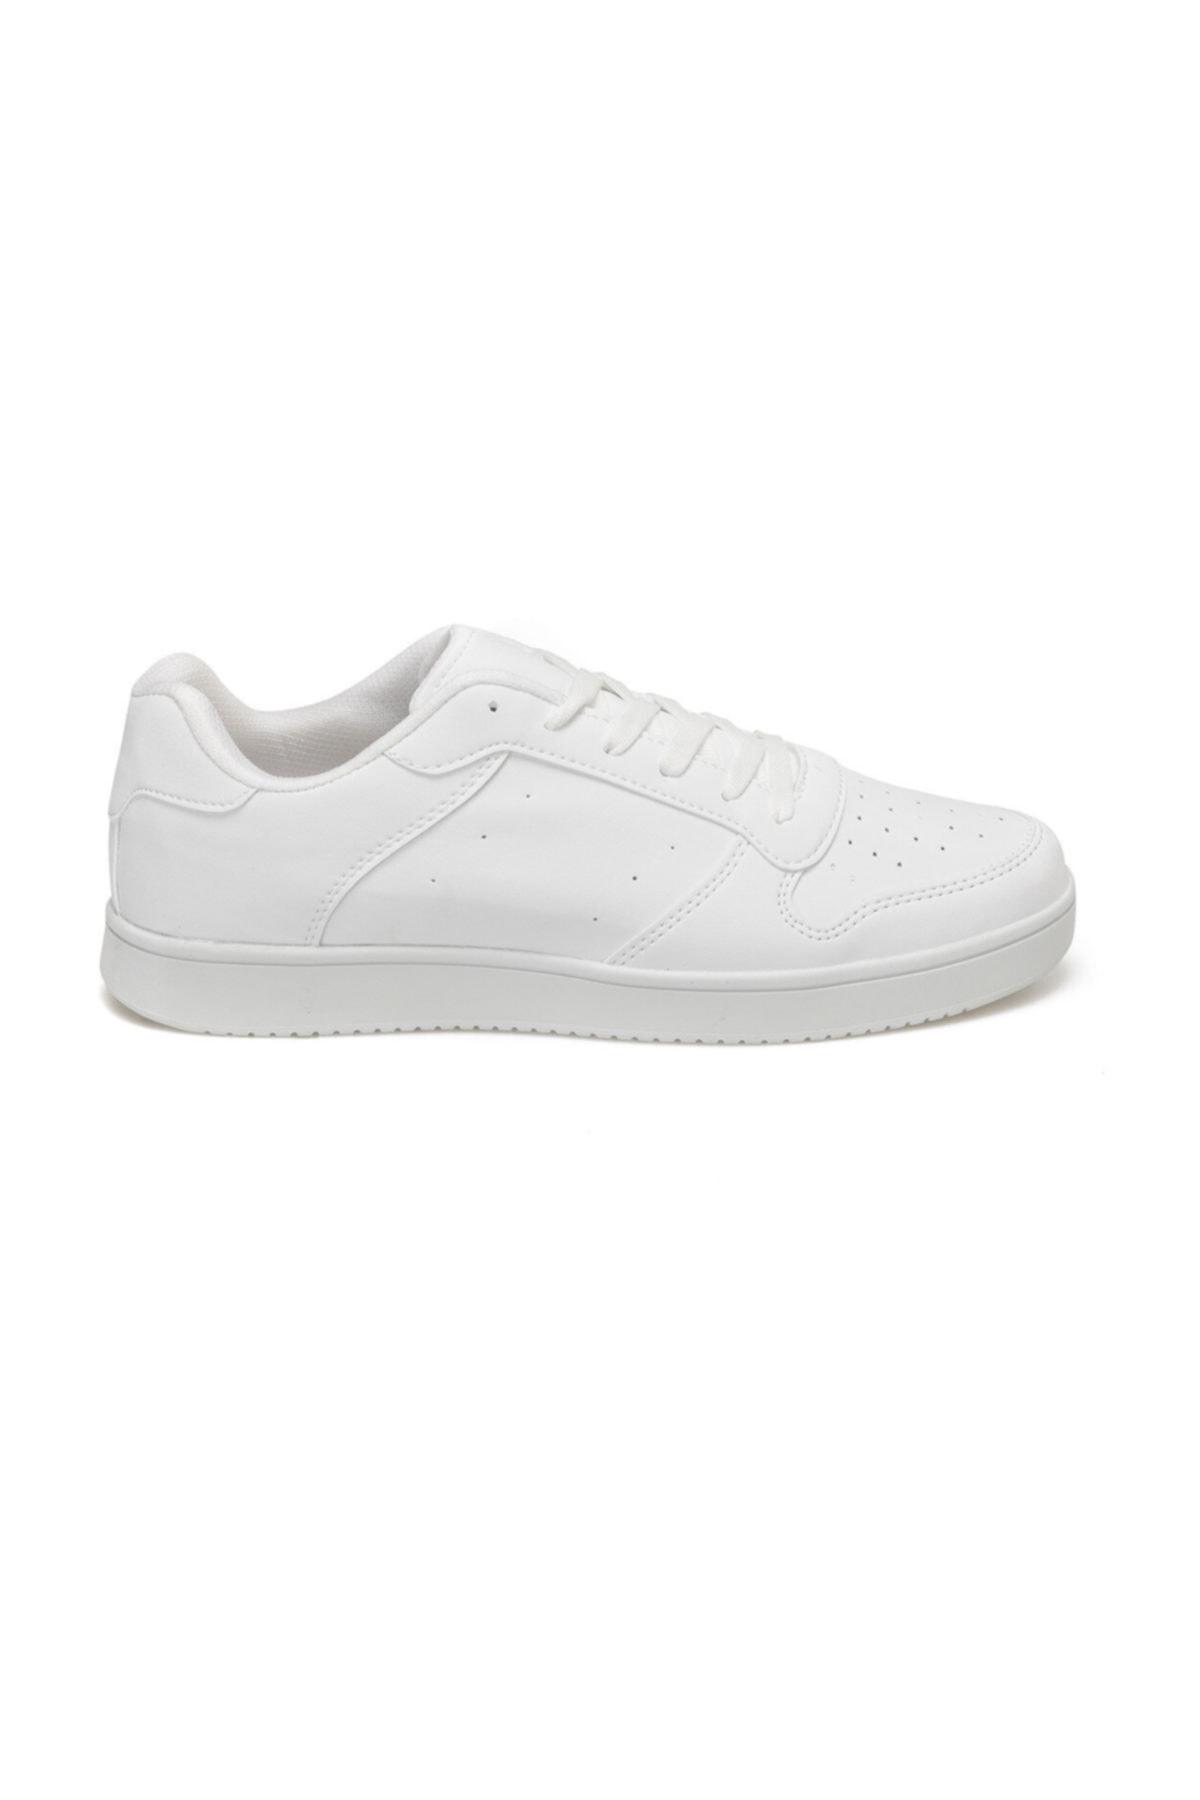 Torex FOREST Beyaz Erkek Sneaker Ayakkabı 100519716 2